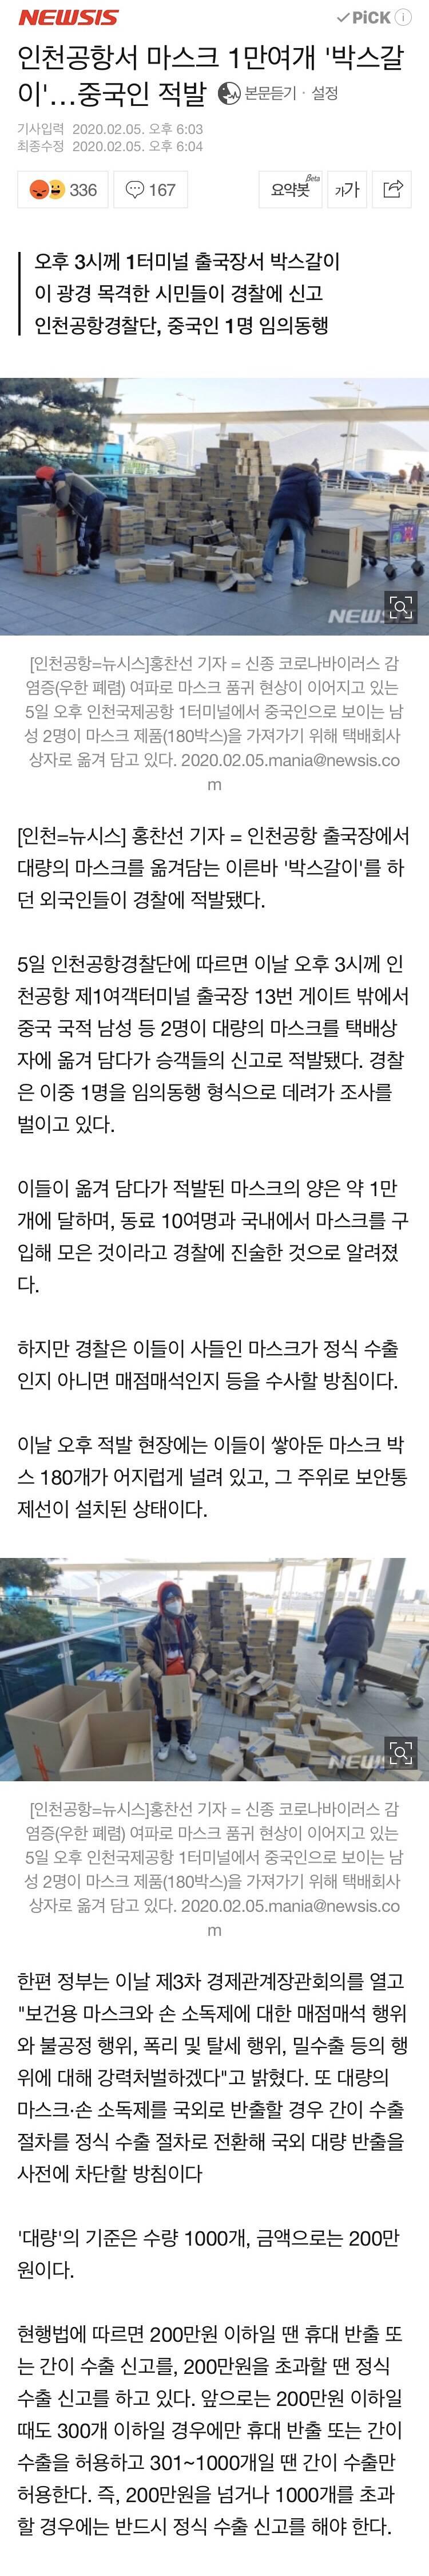 인천공항서 마스크 1만여개 '박스갈이'..중국인 적발 | 인스티즈